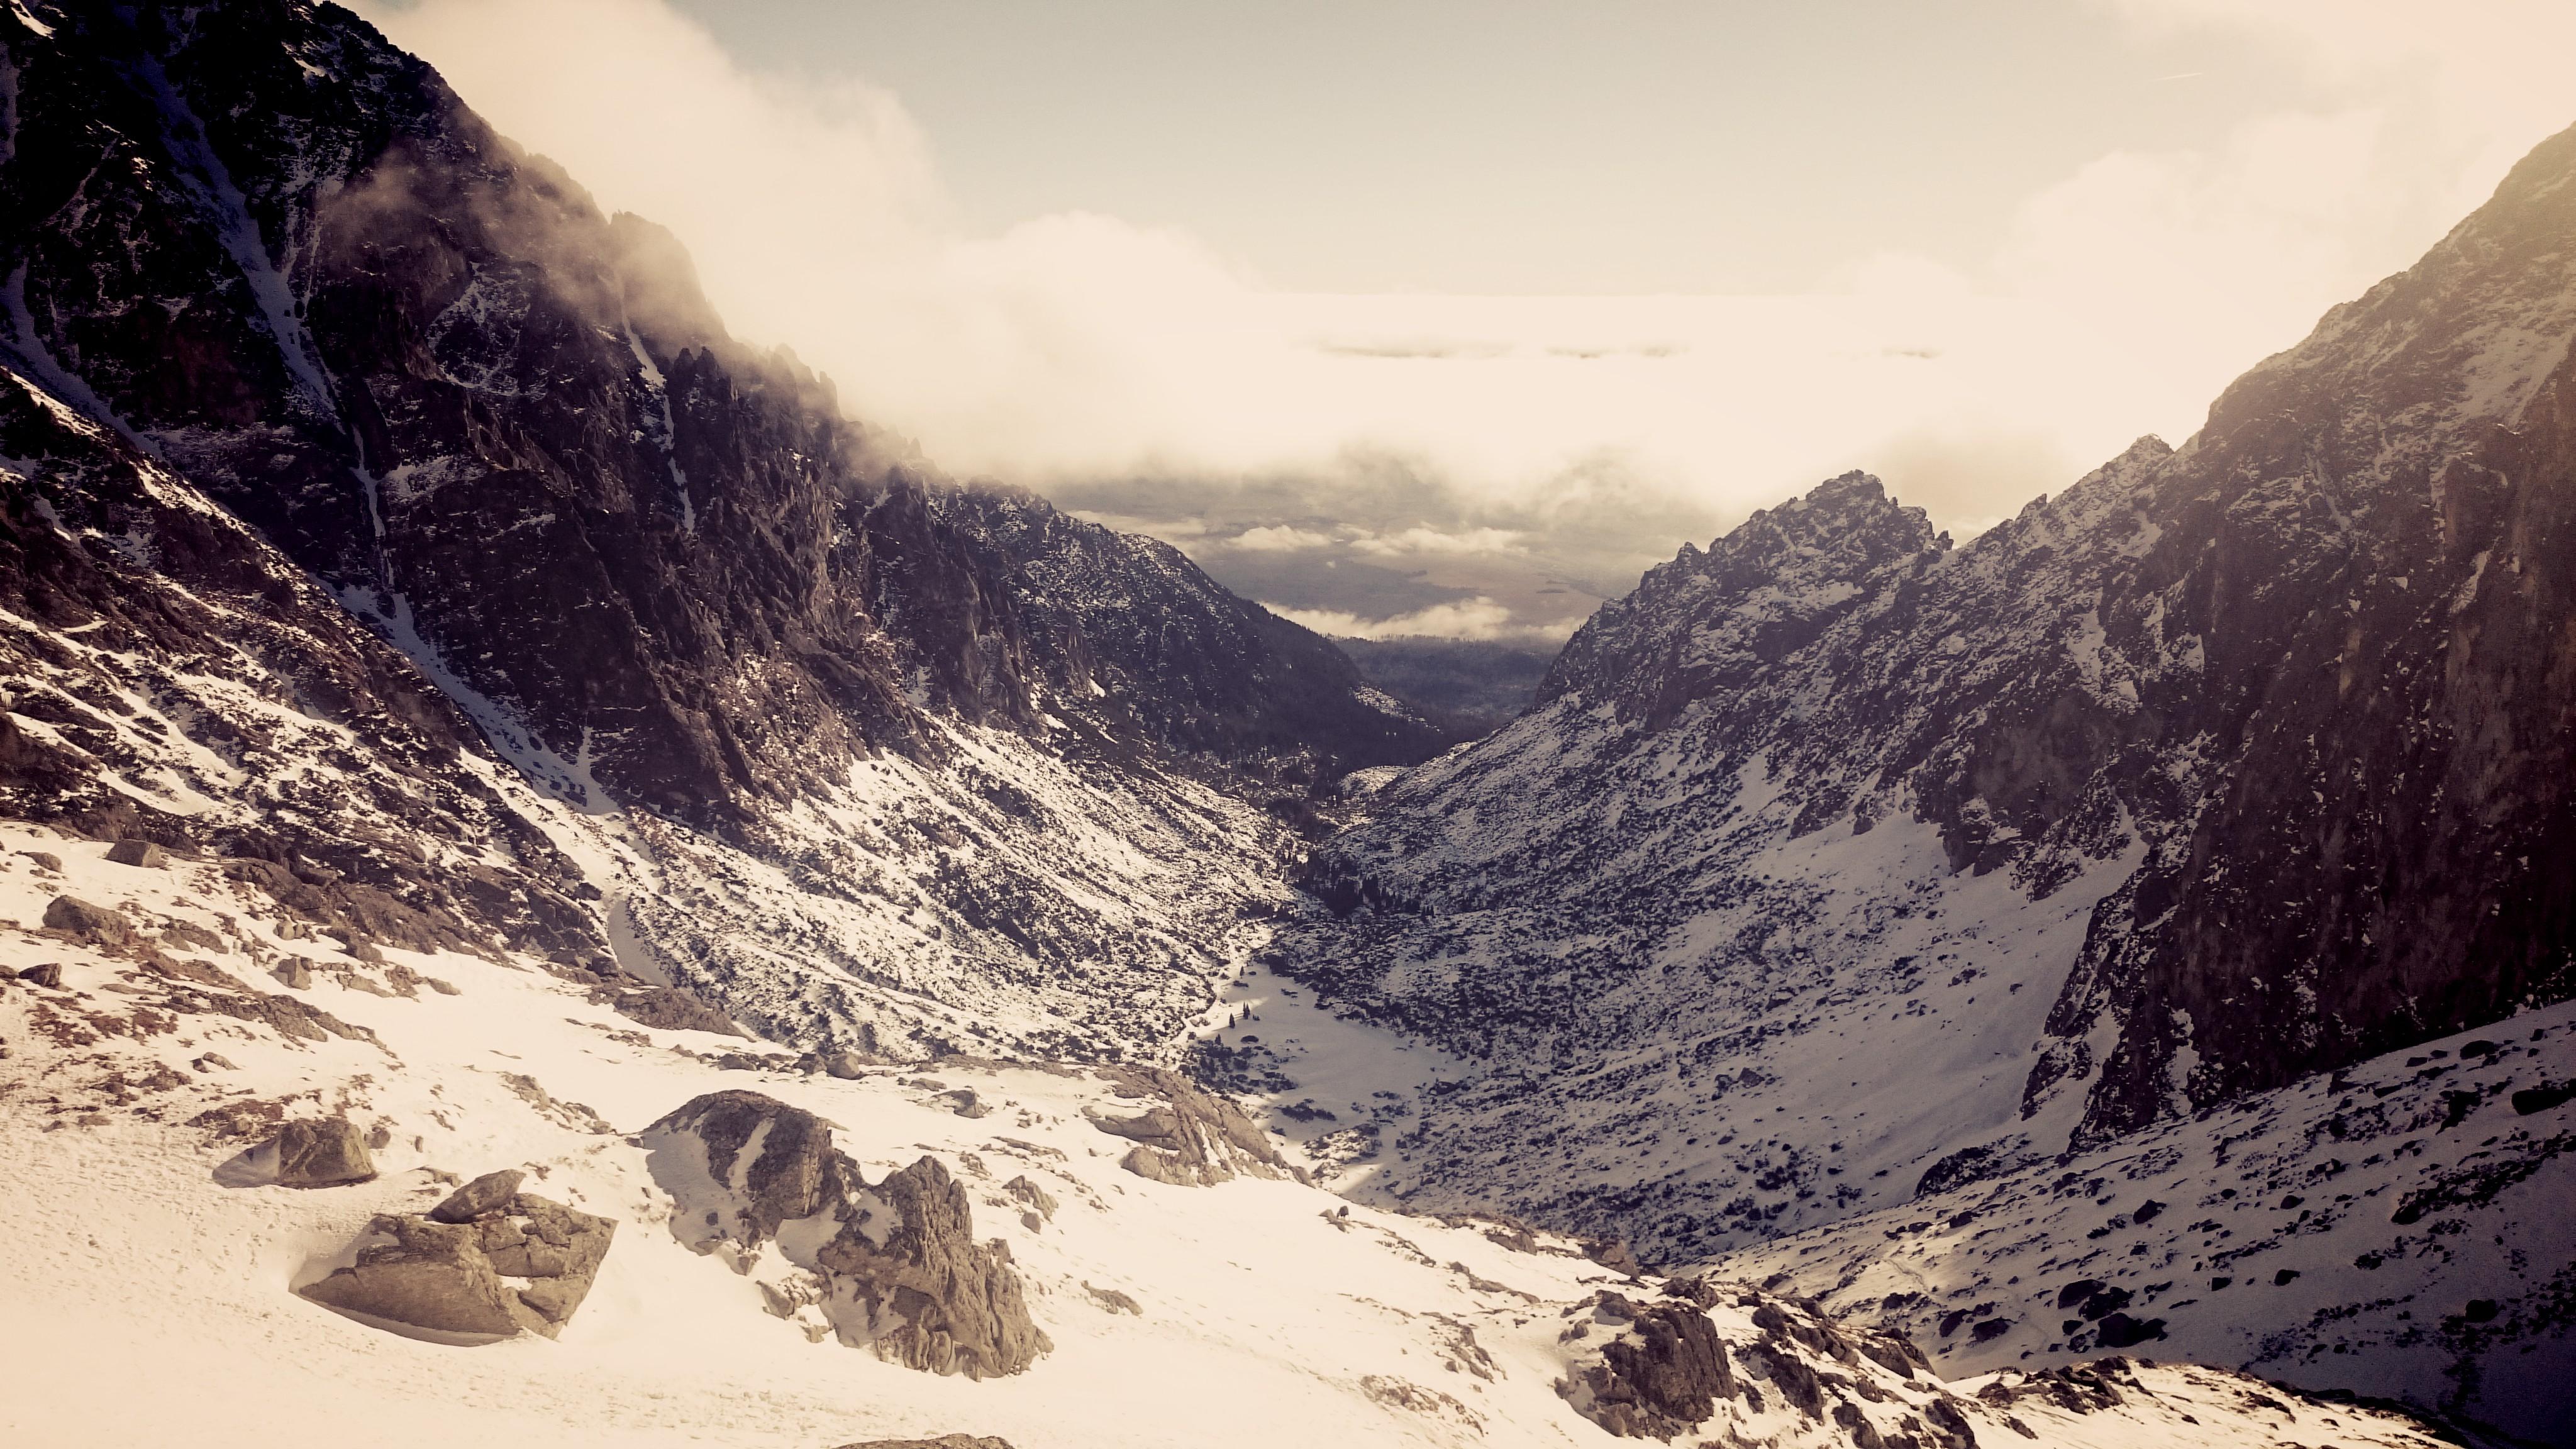 Výhľad do začiatku studenej doliny, Téryho chata